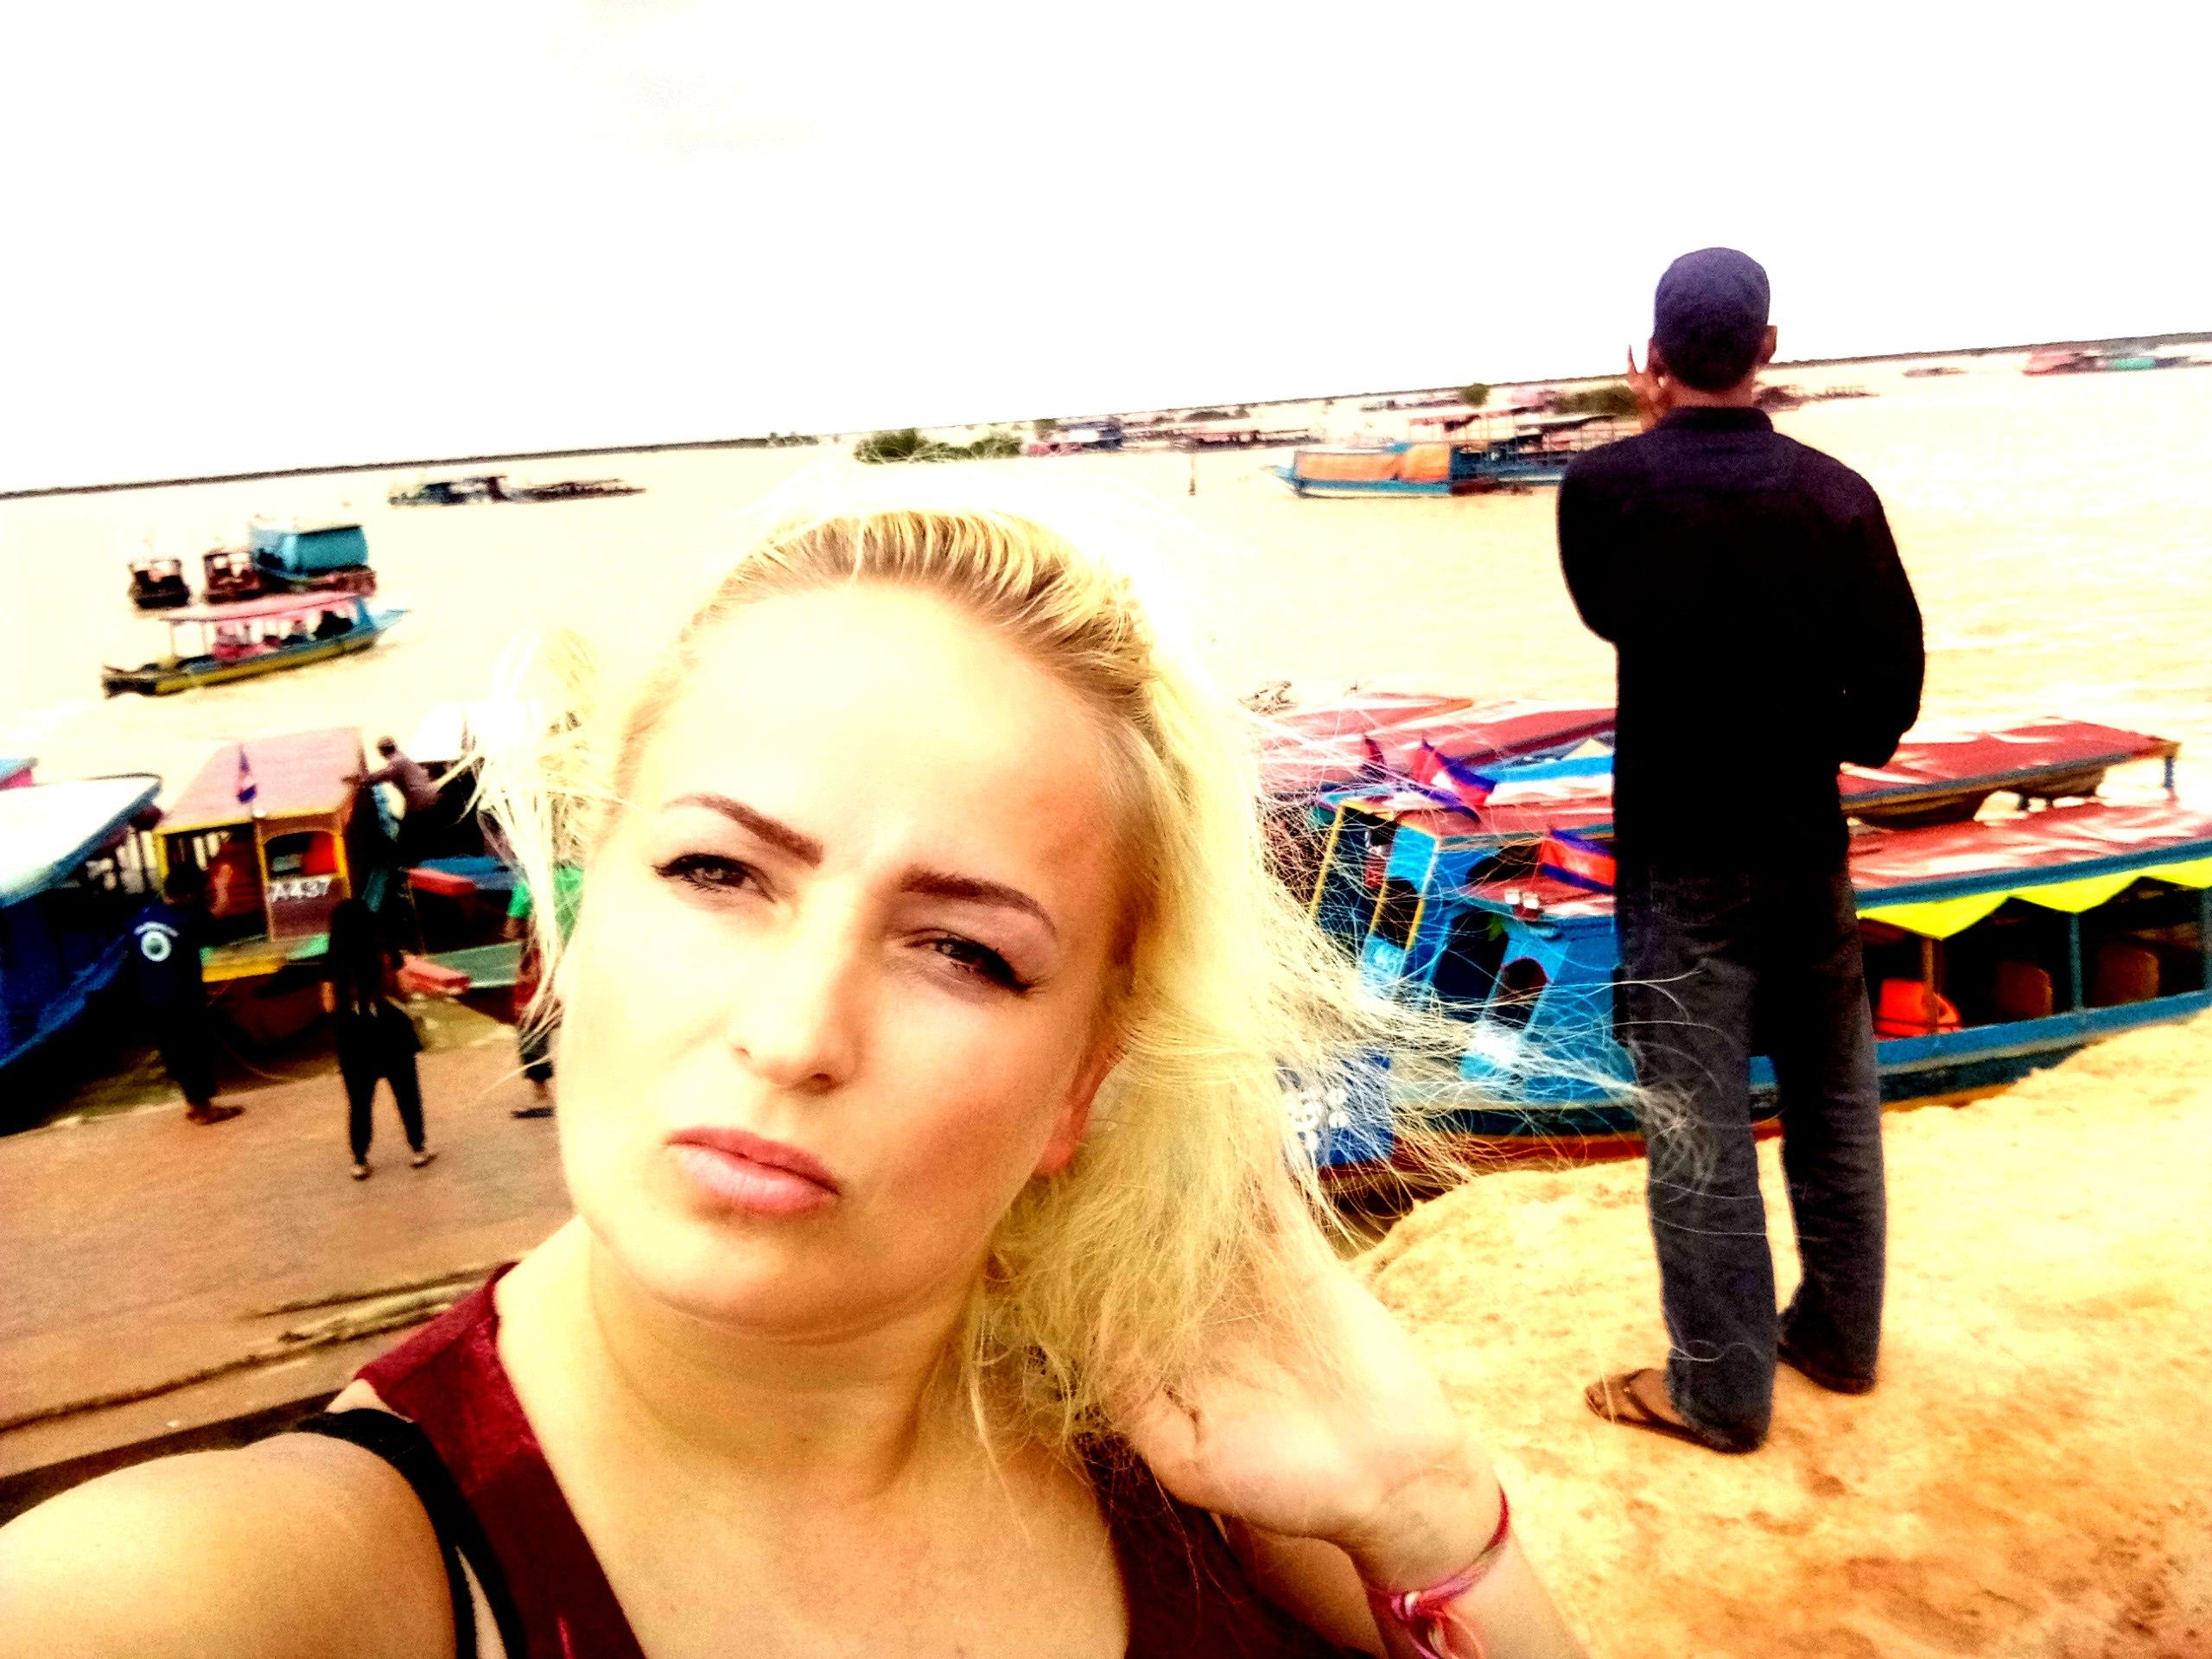 никосия - Елена Руденко. Мои путешествия (фото/видео) - Страница 3 QUGYVDLqTXo